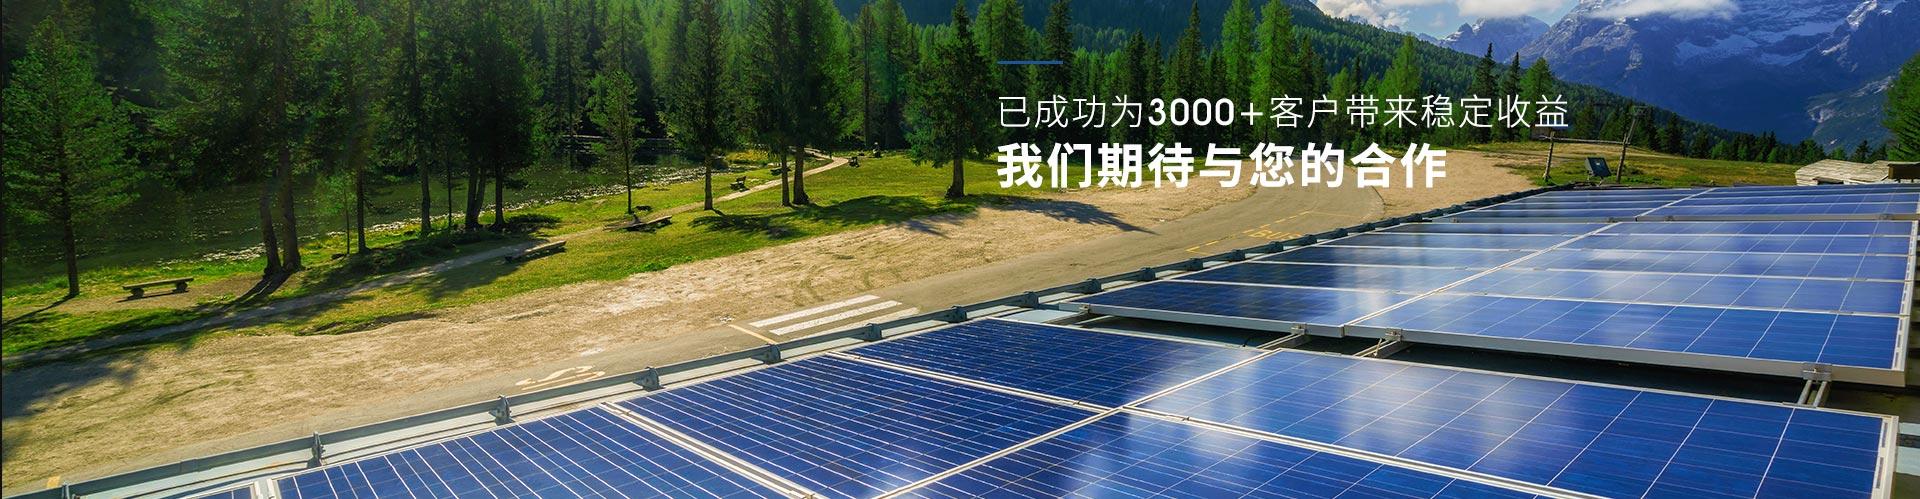 星火太阳能已成功为3000+客户带来稳定收益